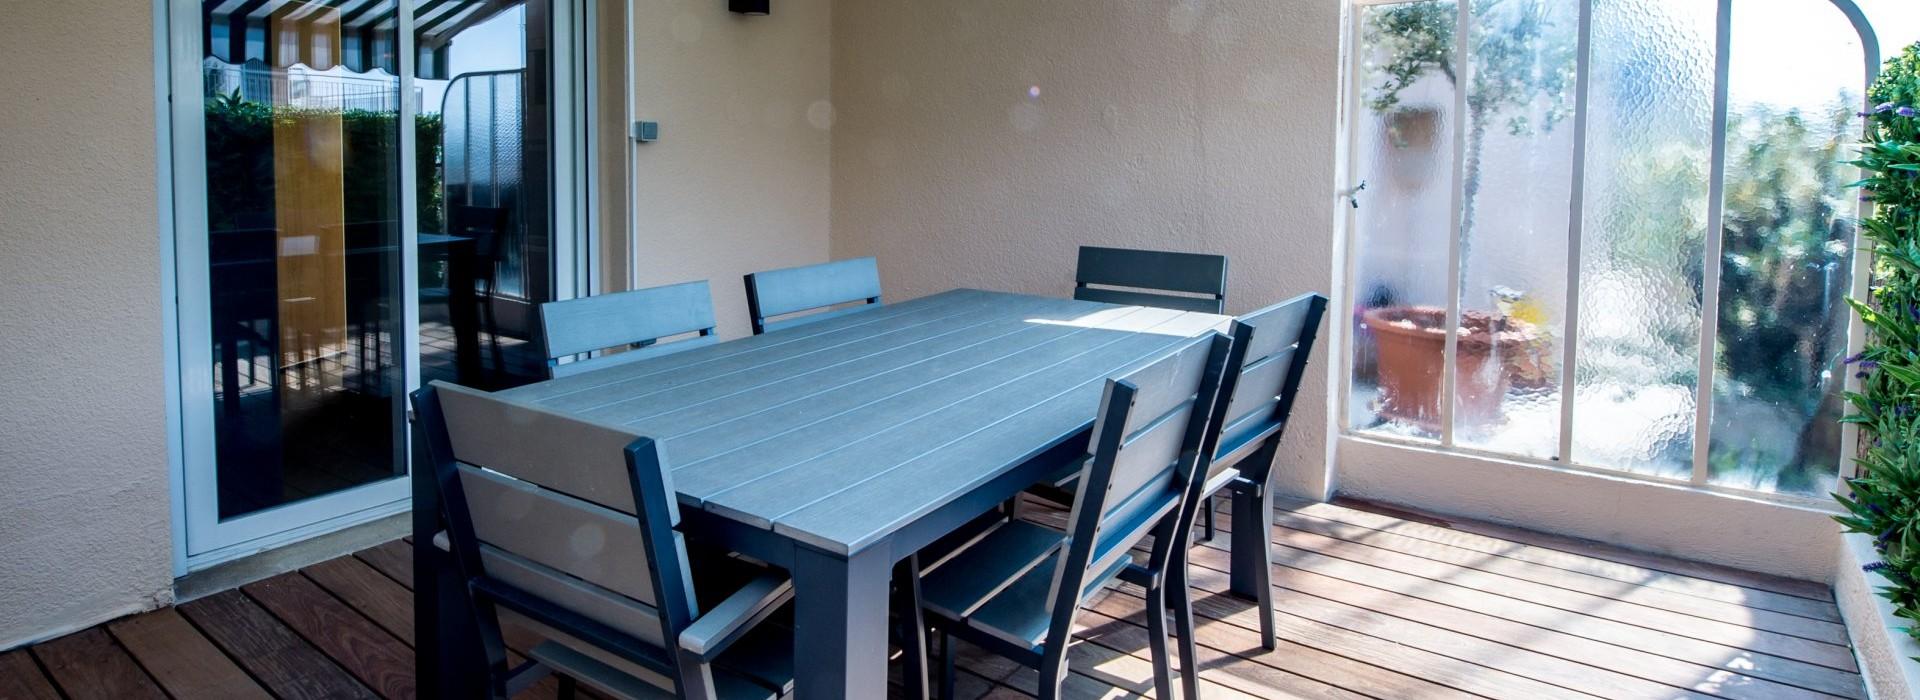 Appartement Nice 3 Pièces 70m2 630,000€